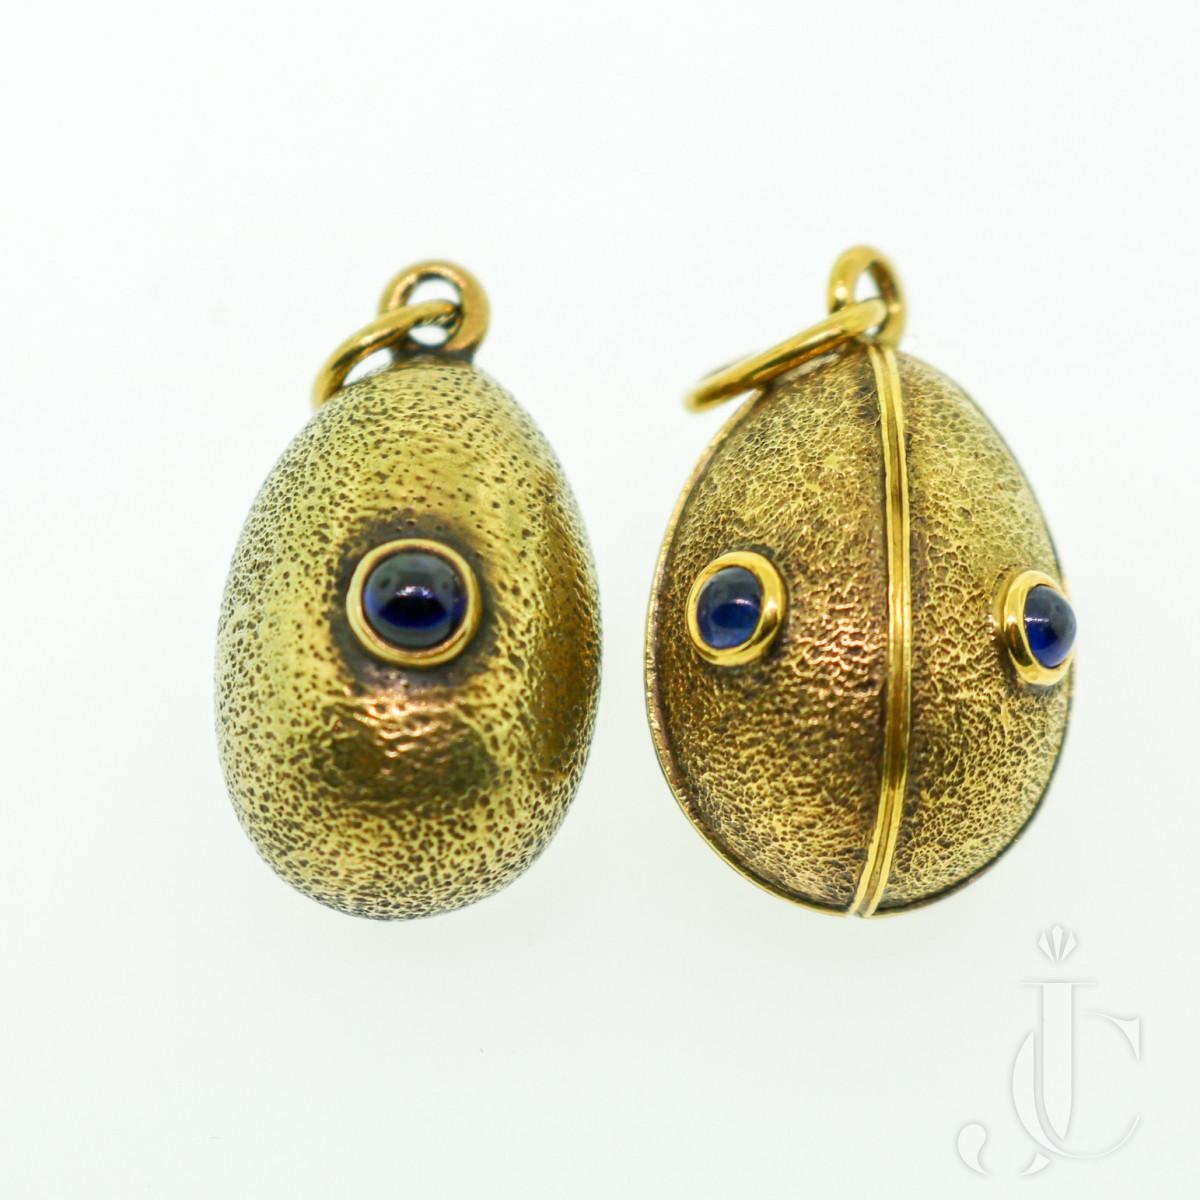 Fabergé Egg Pendants